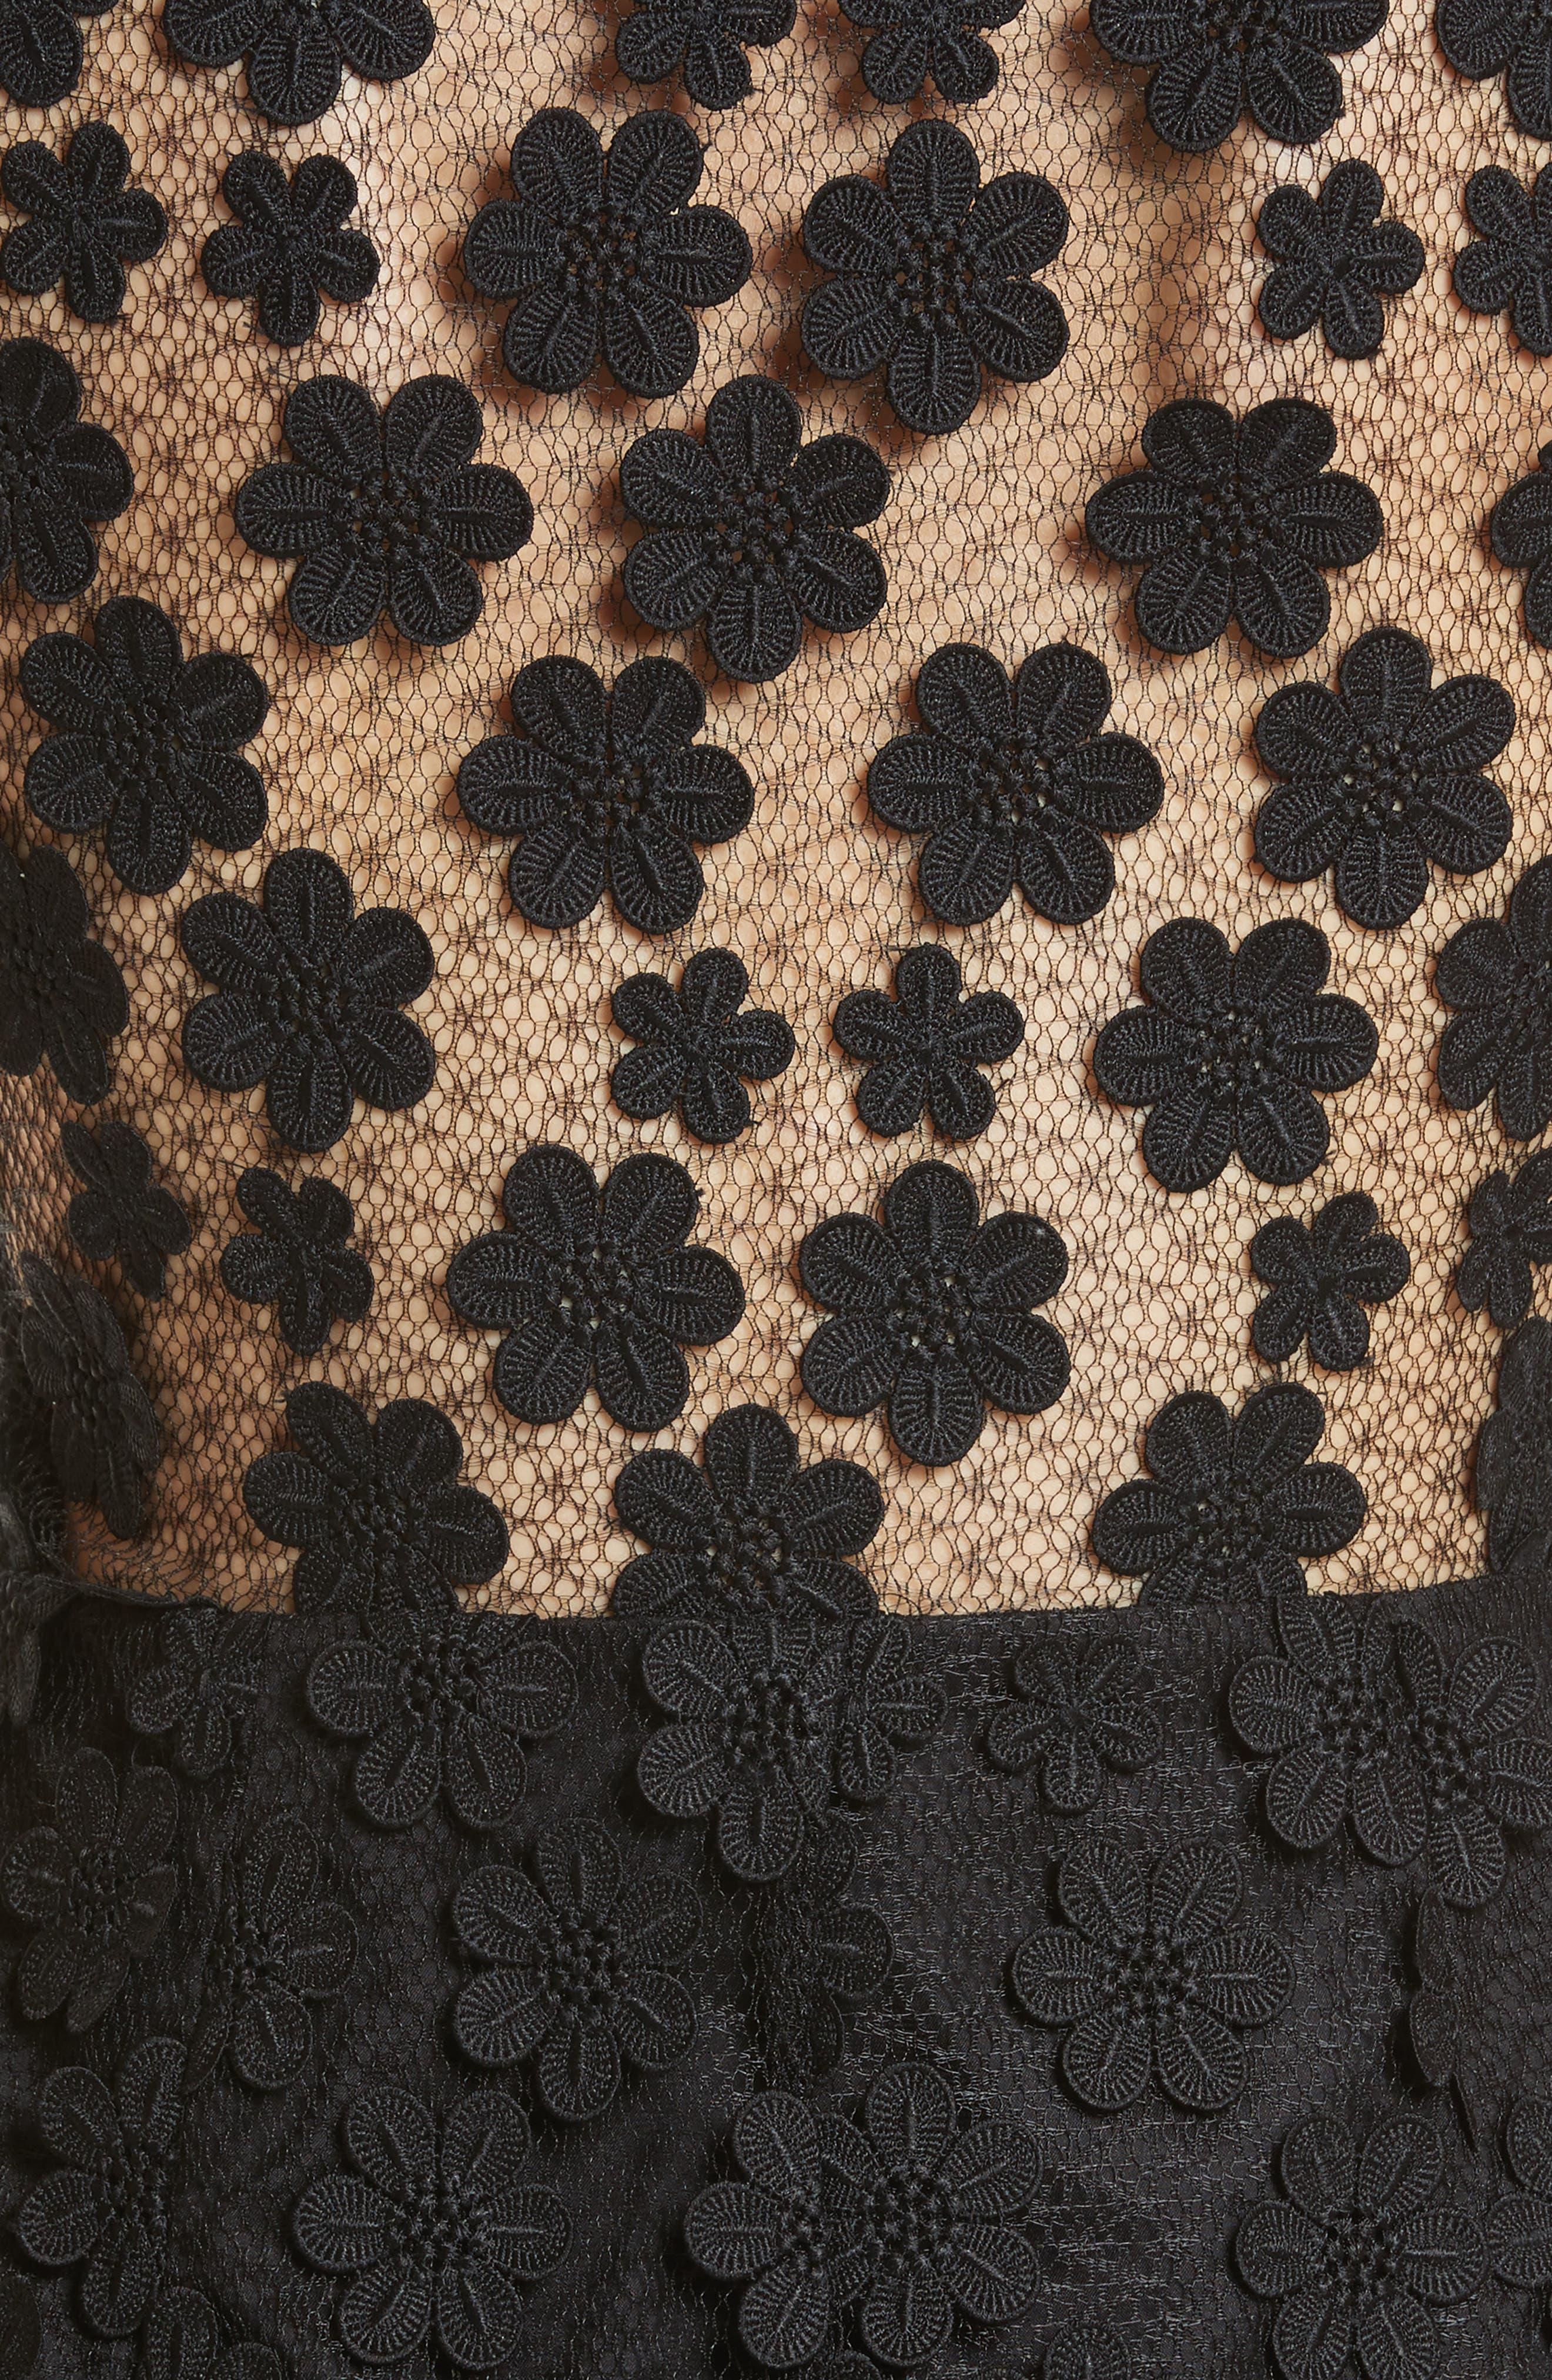 Mari Floral Appliqué Sheath Dress,                             Alternate thumbnail 5, color,                             001